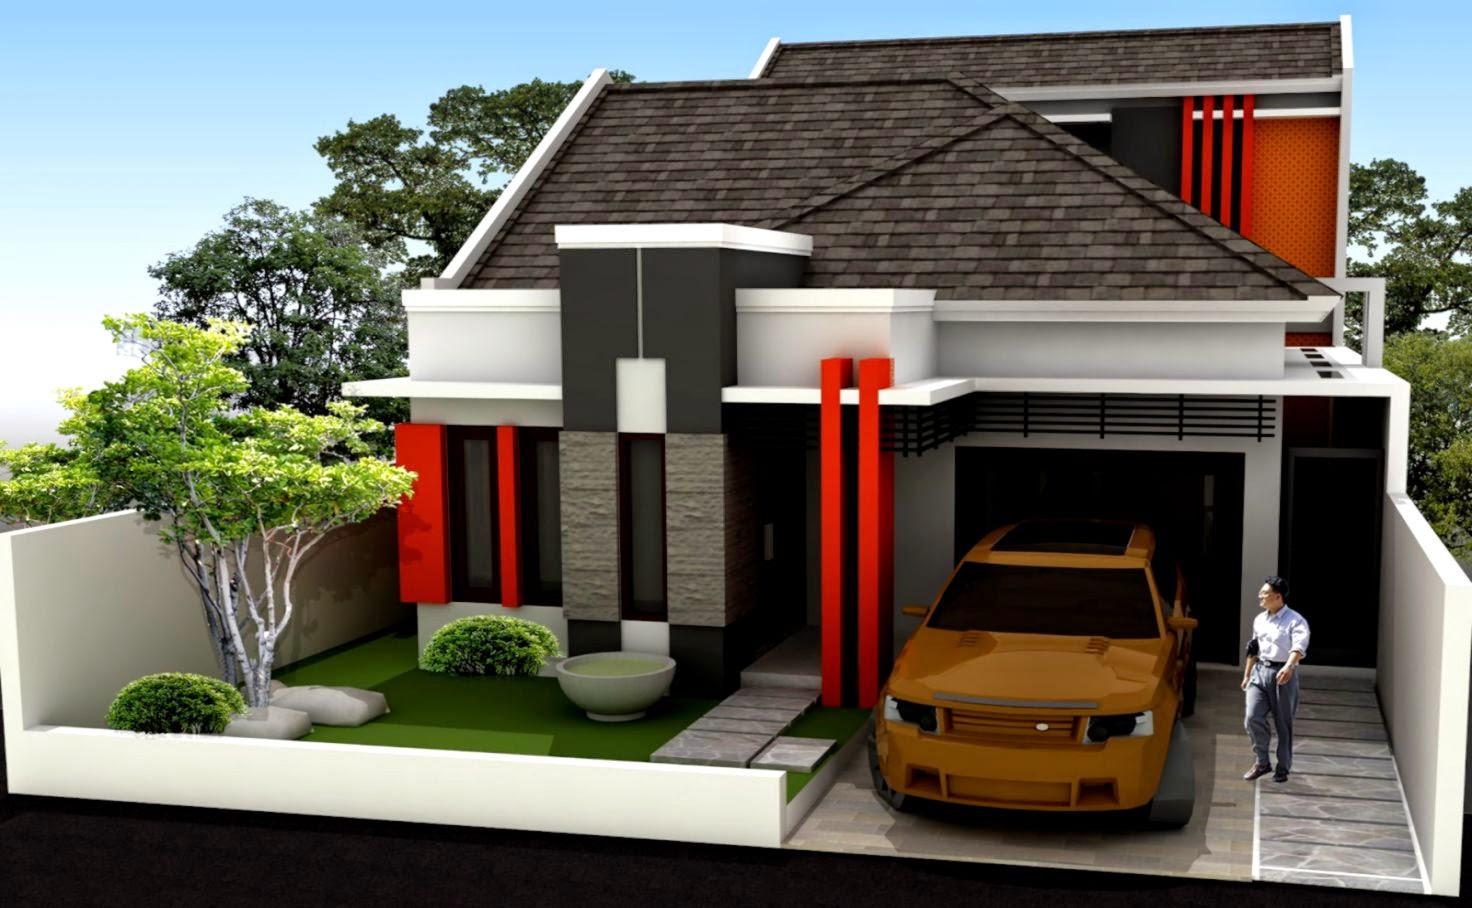 Foto Rumah Minimalis Terbaru Design Rumah Minimalis